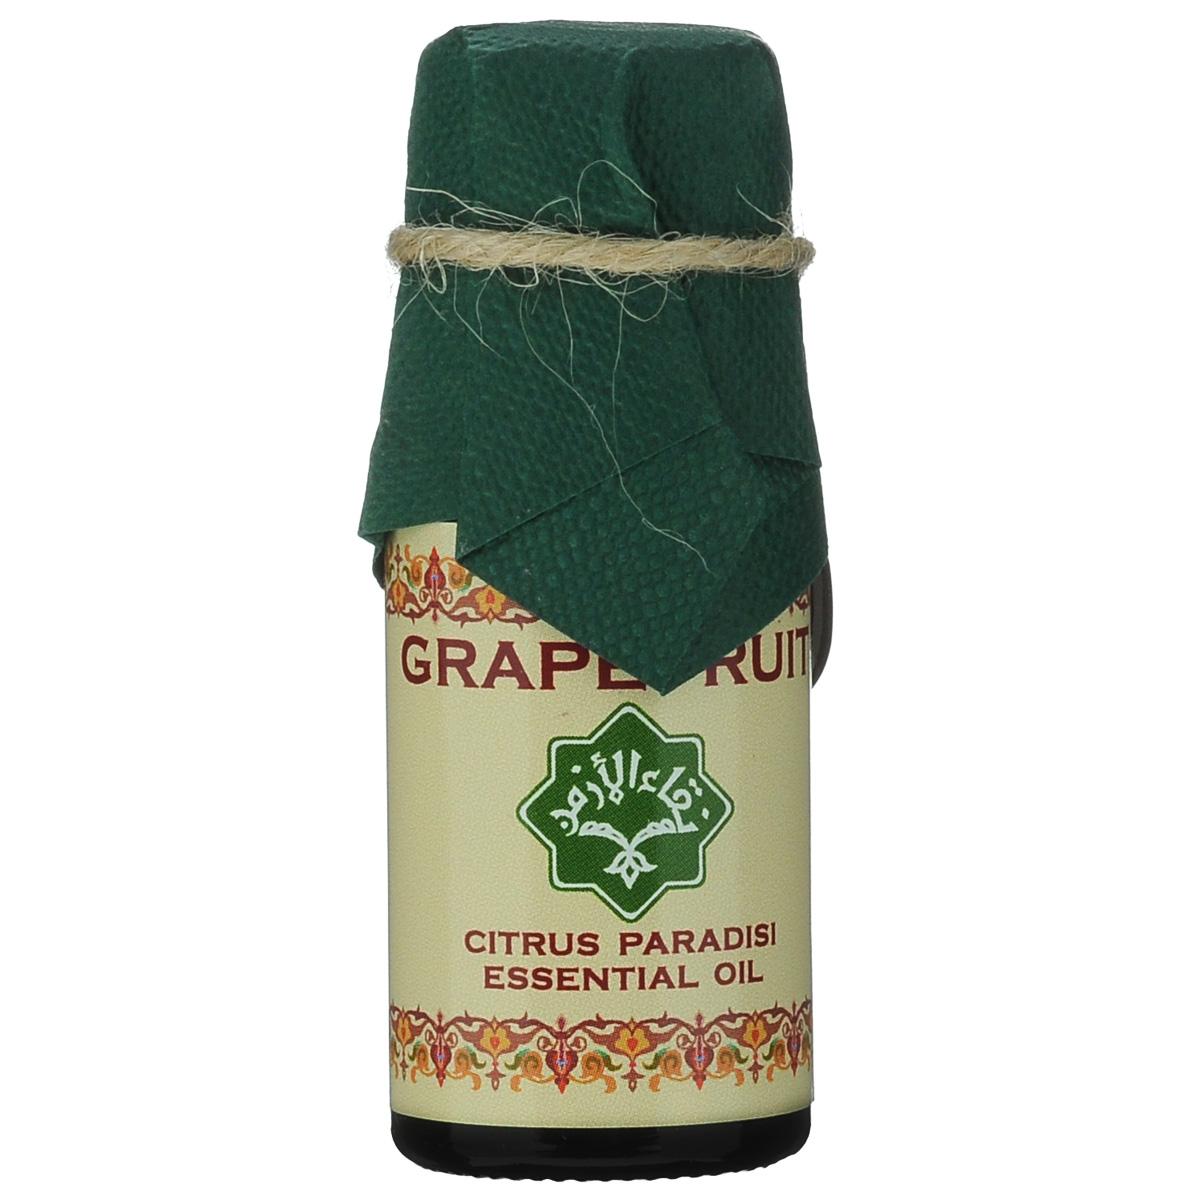 Зейтун Эфирное масло Грейпфрут, 10 млZ3611Абсолютно чистое, 100% натуральное эфирное масло Грейпфрута, произведенное в соответствии со стандартом европейской фармакопеи; по своим качествам и свойствам значительно превосходит дешевые аналоги. Применение в ароматерапии: Эфирное масло грейпфрута представляет собой идеальное средство против утренних депрессий, он оживляет интерес к жизни, свету и благополучию, окрыляет, служит положительным антидотом в период жизненных сомнений, приводит в состояние легкой эйфории. Придает бодрость, поднимает настроение, помогает преодолеть стресс. Имеет репутацию возбуждающего и одновременно легкого снотворного средства. Косметические свойства: Эфирное масло грейпфрута нормализует секрецию, объем и дренажные функции сальных желез, осветляет и отбеливает жирную кожу, сужая поры. Препятствует образованию камедонов. Прекрасный тоник для жирной кожи. Точечно — при угревой сыпи. В смесях стягивает расширенные поры, способно удерживать влагу в коже. Эфирное масло грейпфрута великолепно...